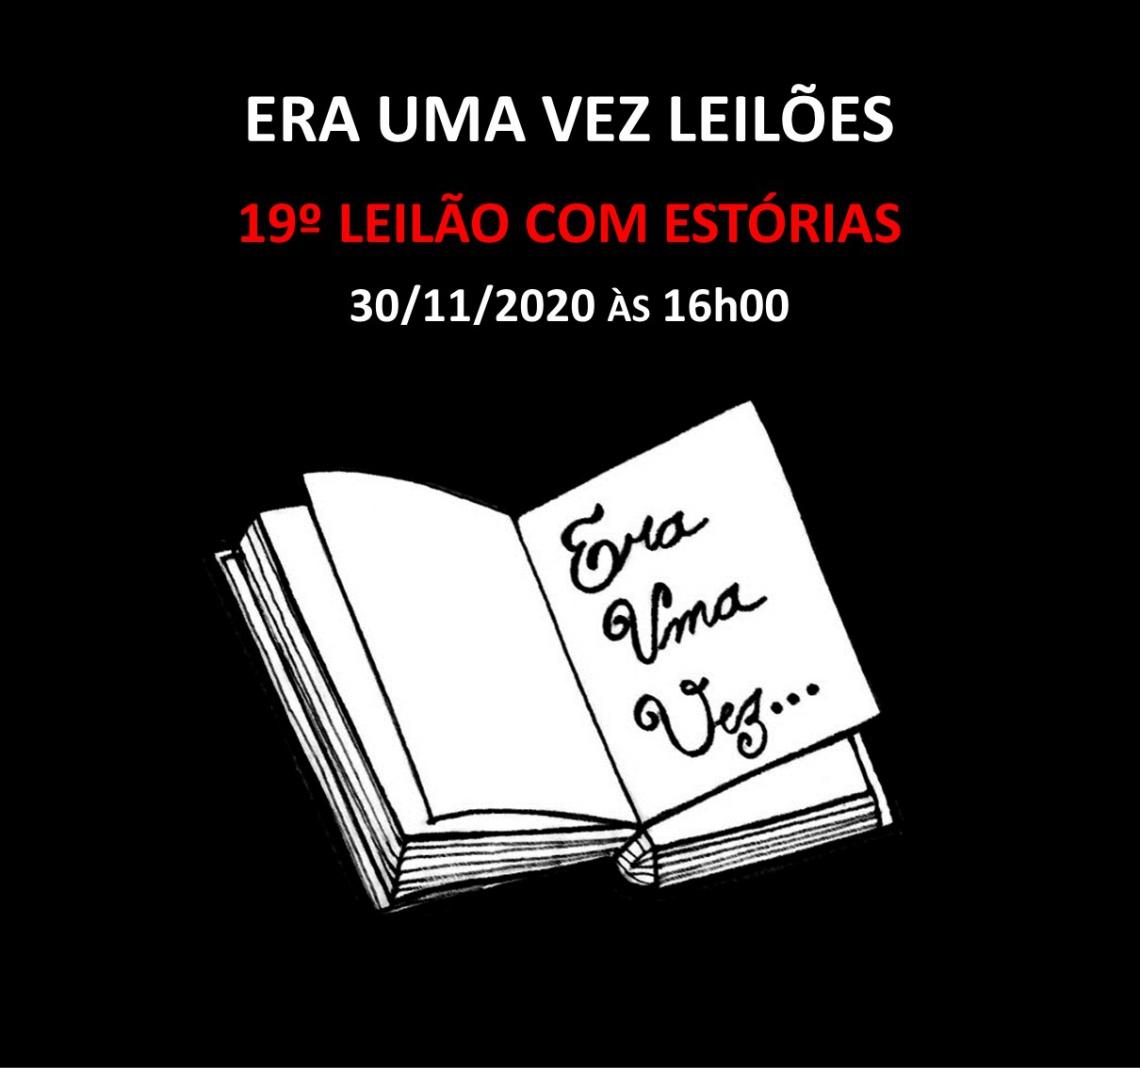 18º LEILÃO COM ESTÓRIAS - 14/11/2020 às 16h00